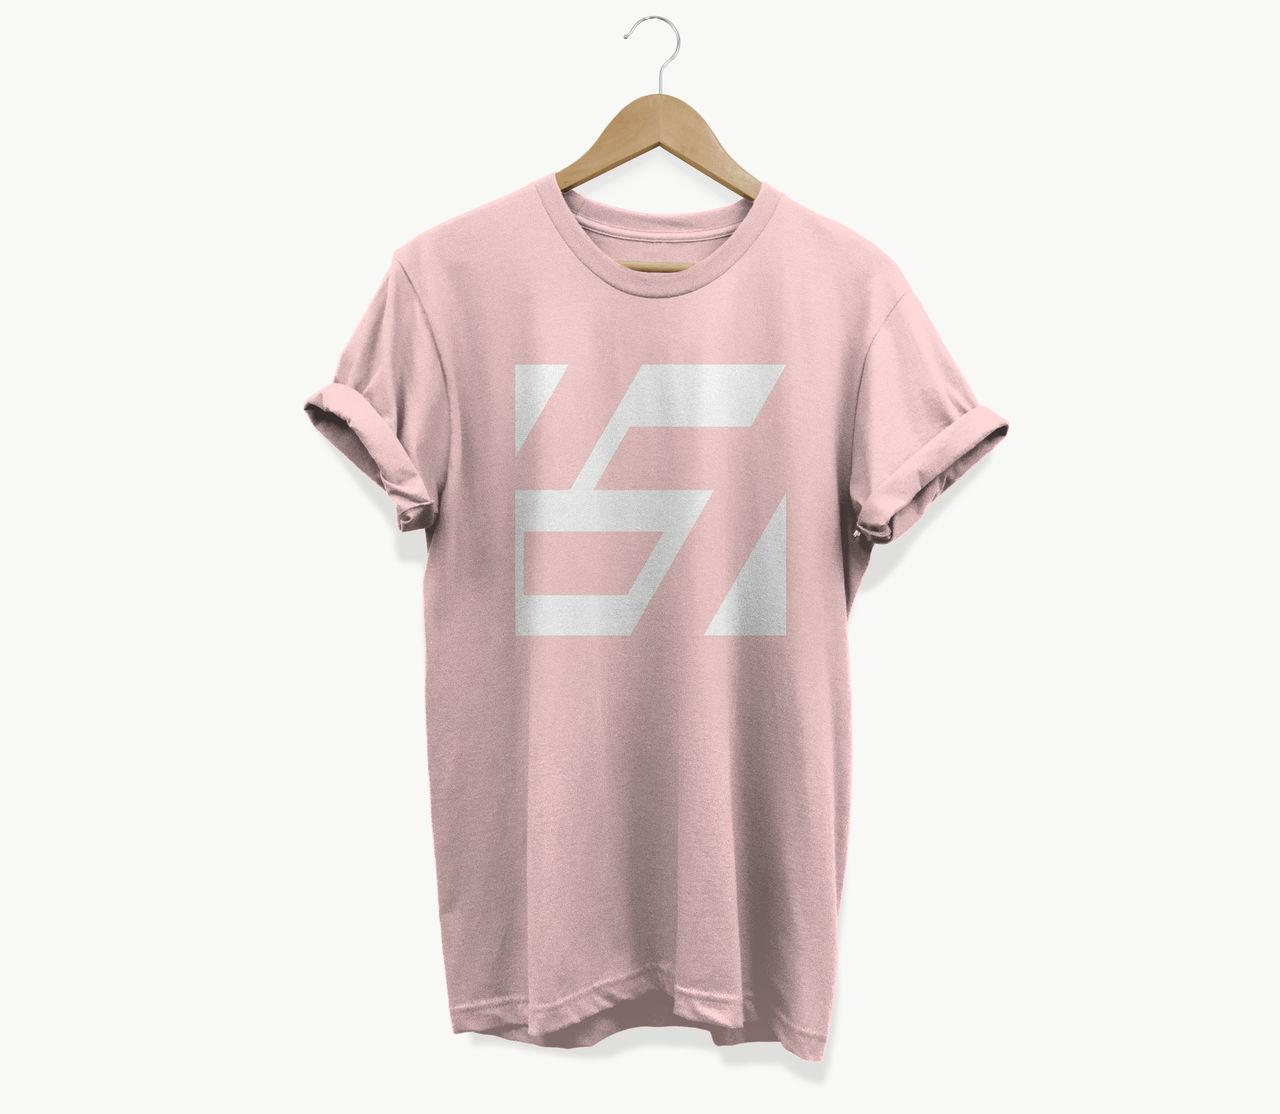 Pictogramme #606 + t-shirt maquette